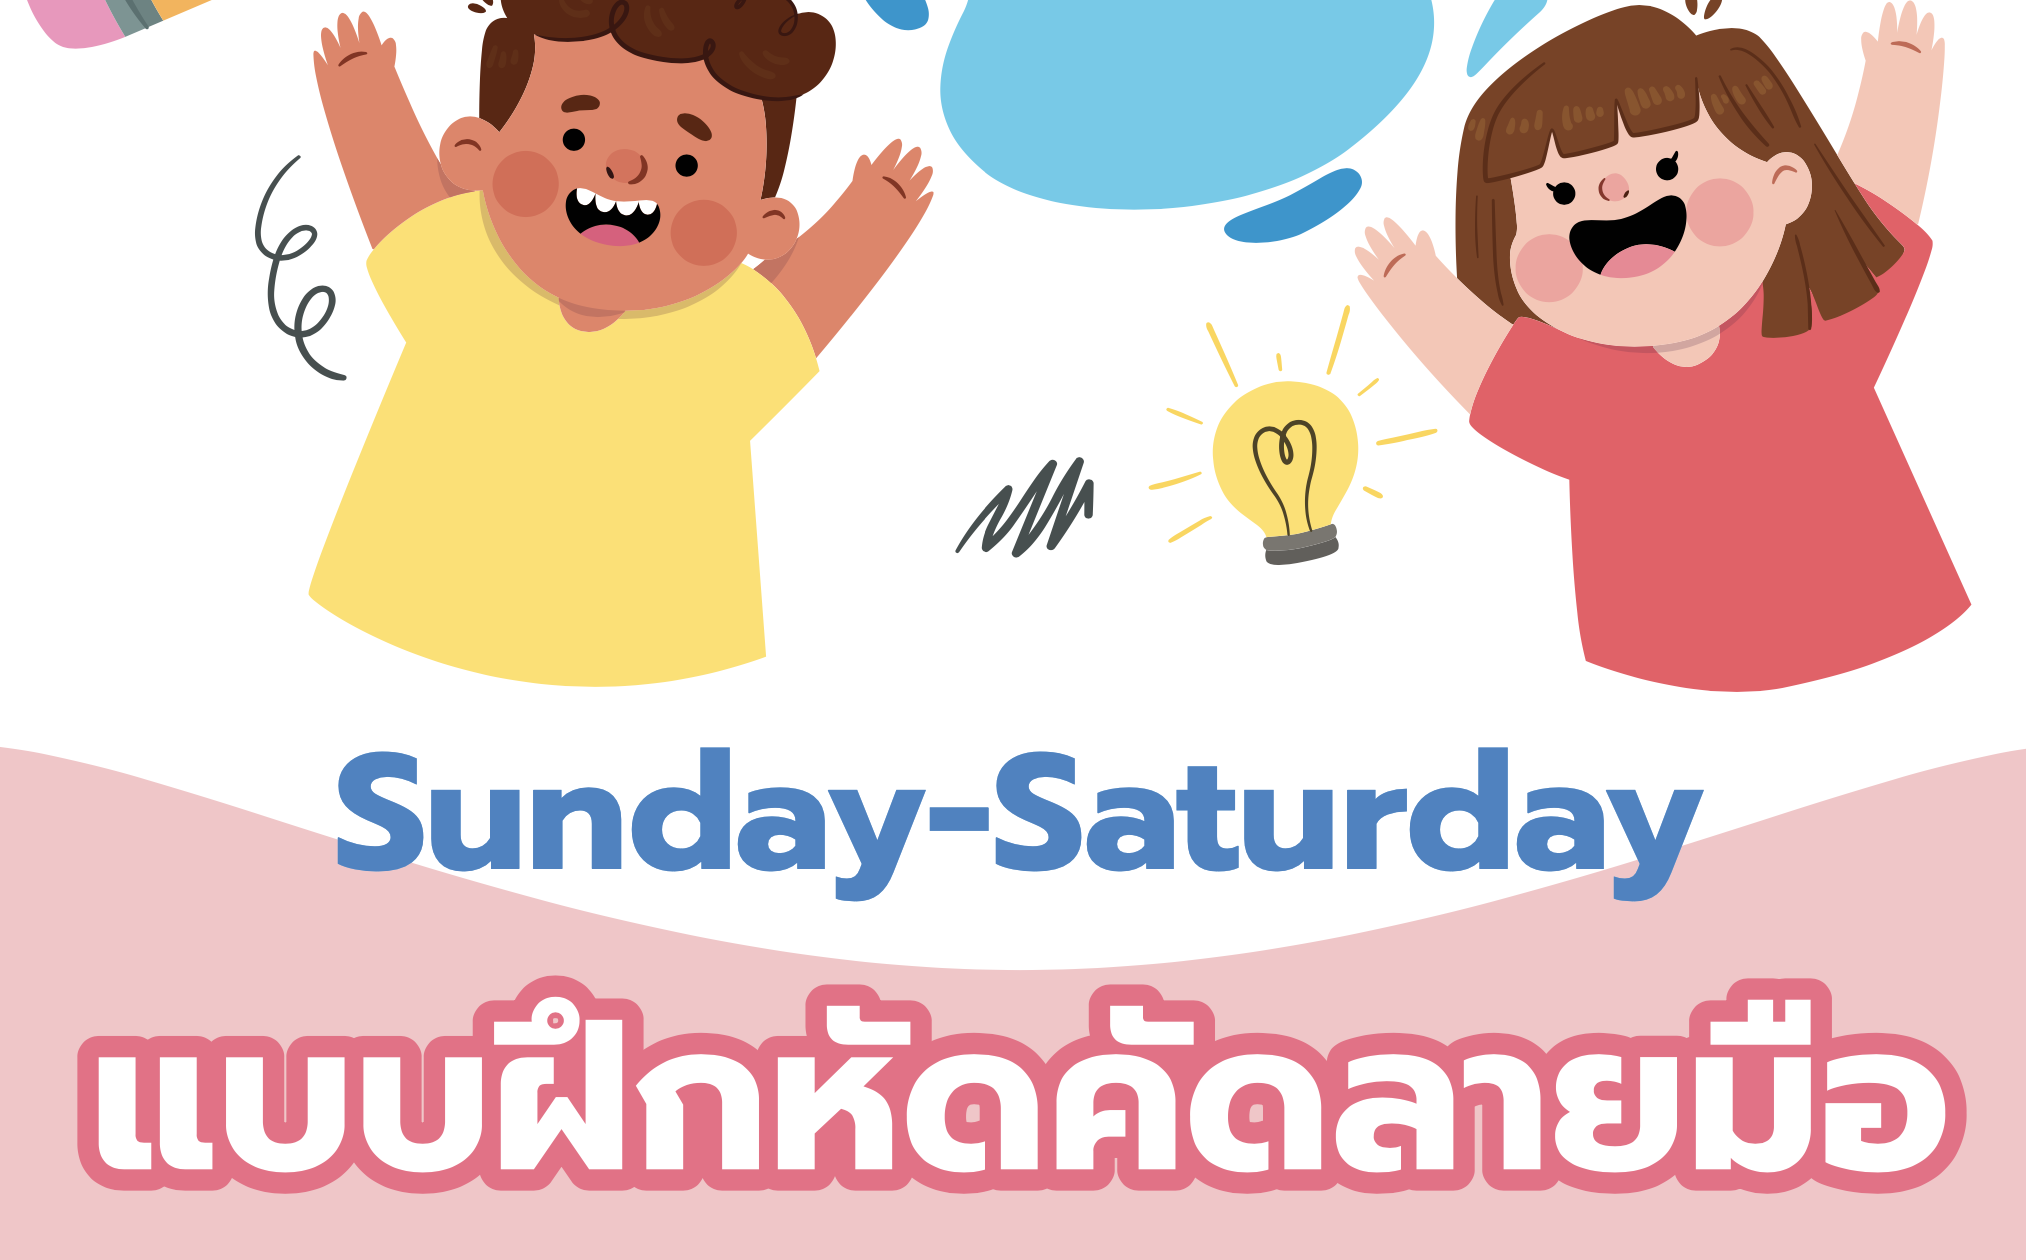 แบบฝึกหัดคัดลายมือวันจันทร์-วันอาทิตย์ ภาษาไทยและอังกฤษ พร้อมภาพน่ารักในเล่ม ดาวน์โหลดฟรี